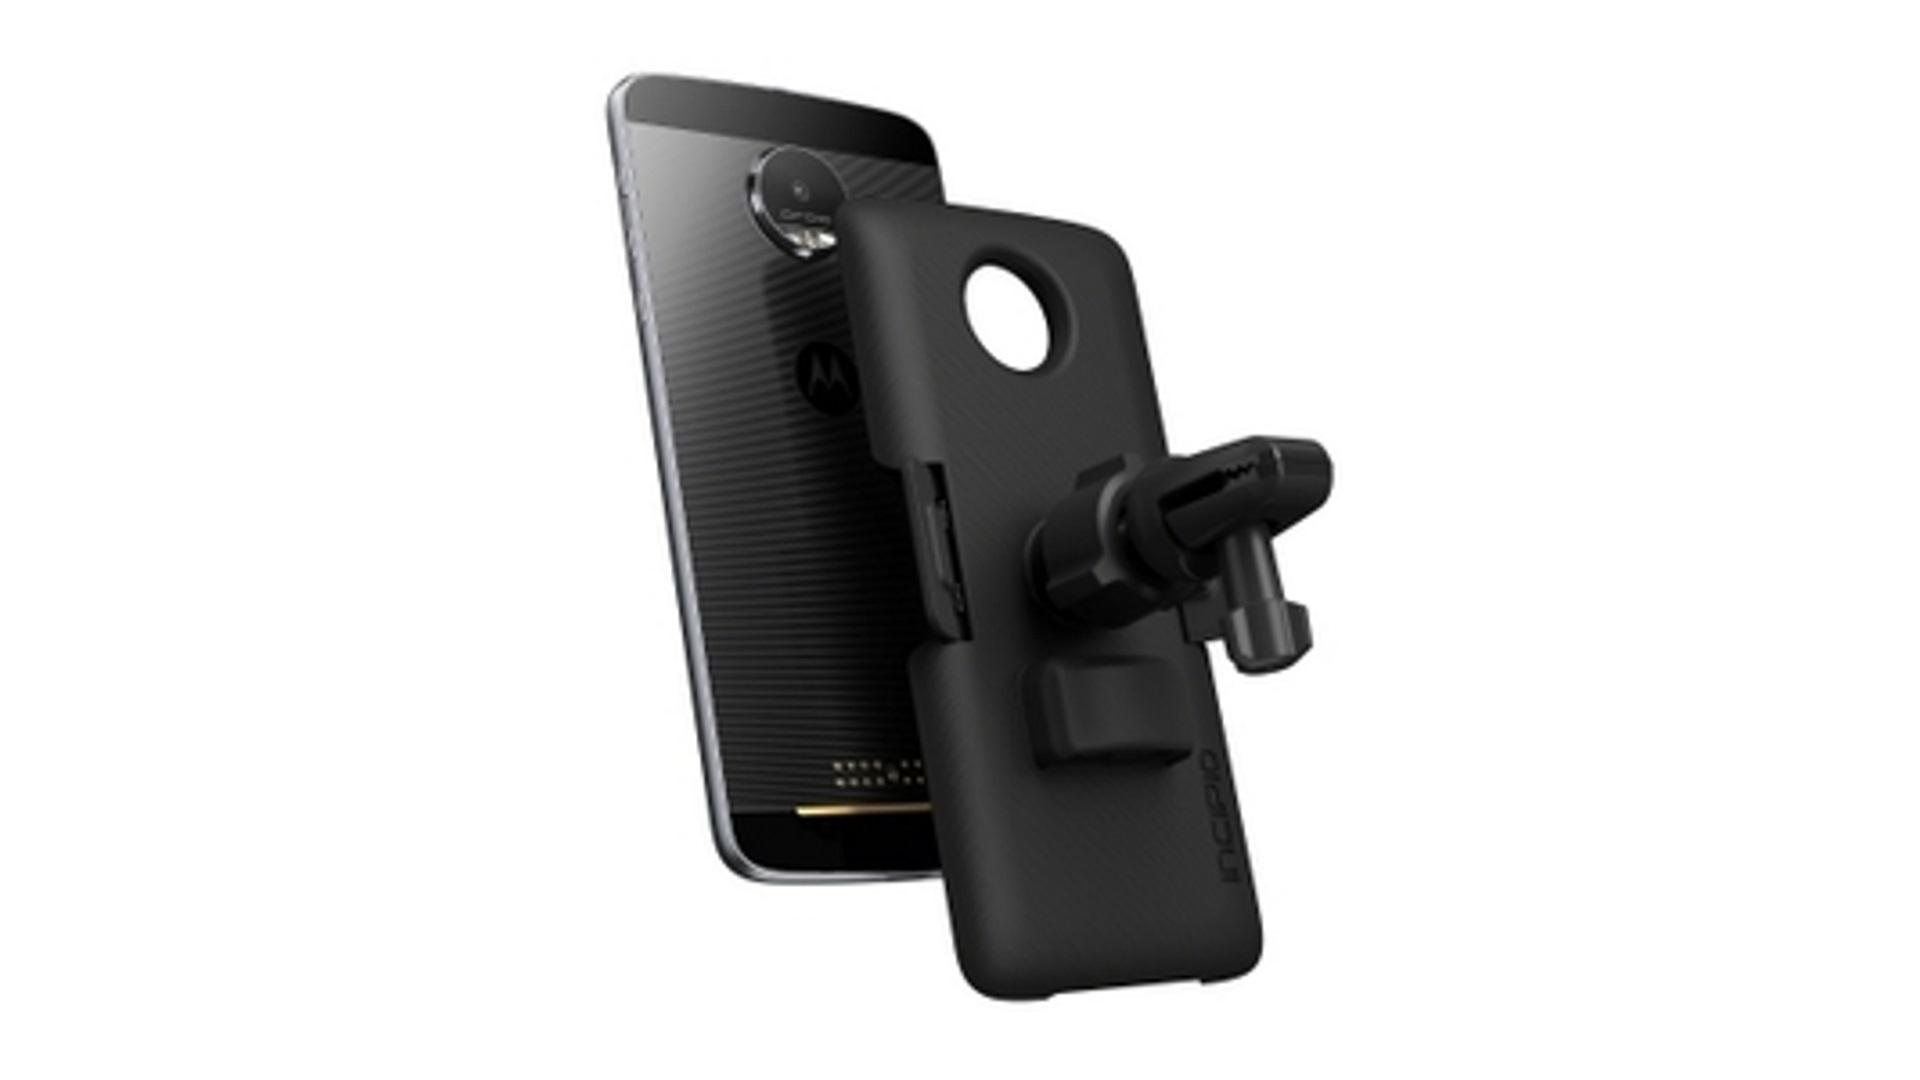 シネックスインフォテック、Android Auto対応の「Moto Z / Z Play」用車載Moto Mods「ビークル・ドック」を発表